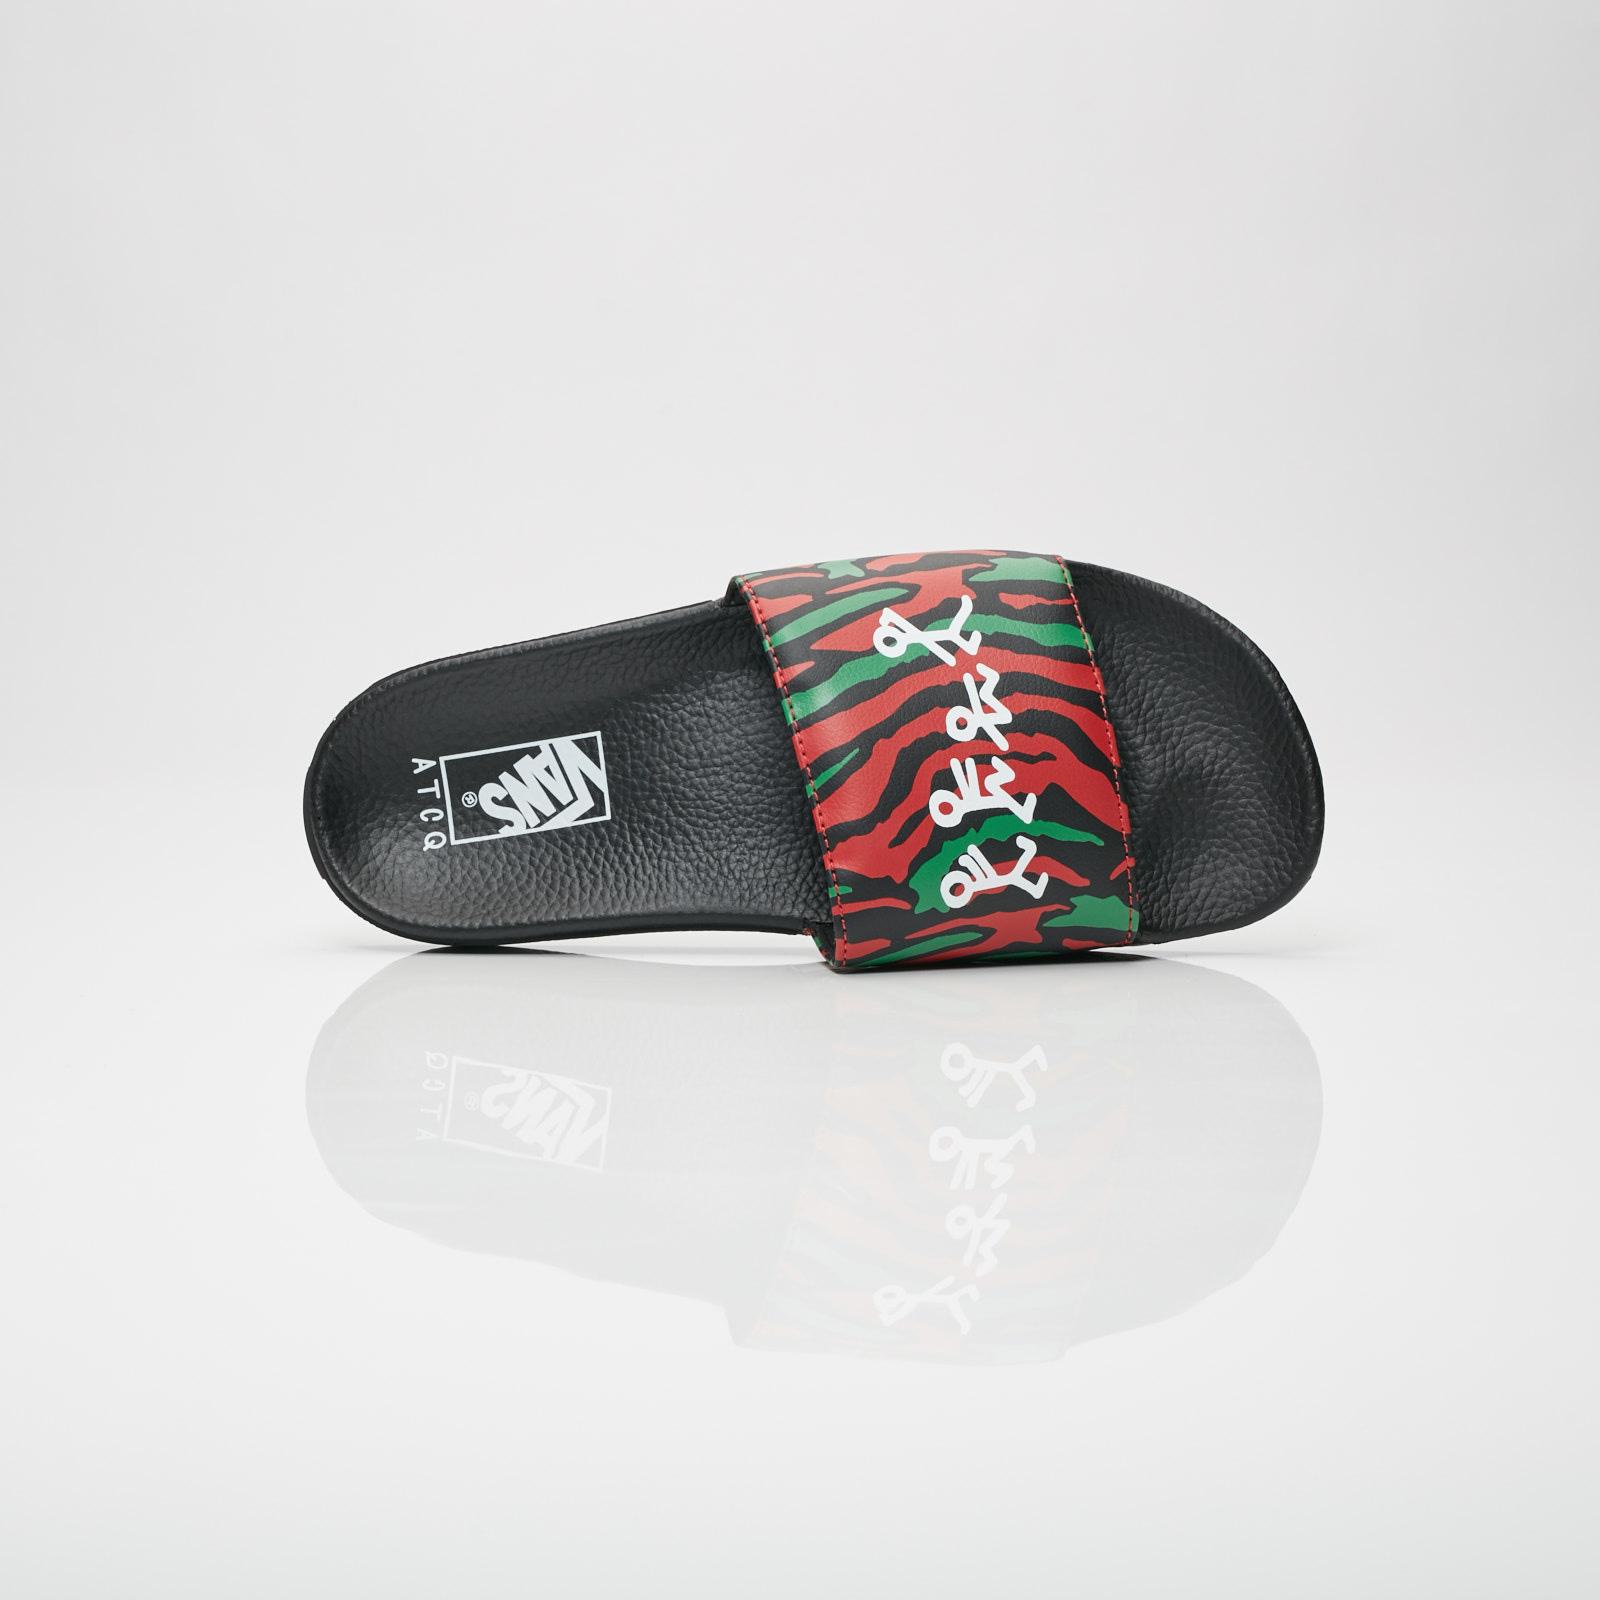 Vans MN Slide-On x ATCQ - Va33tyq4b - Sneakersnstuff  3b5852638